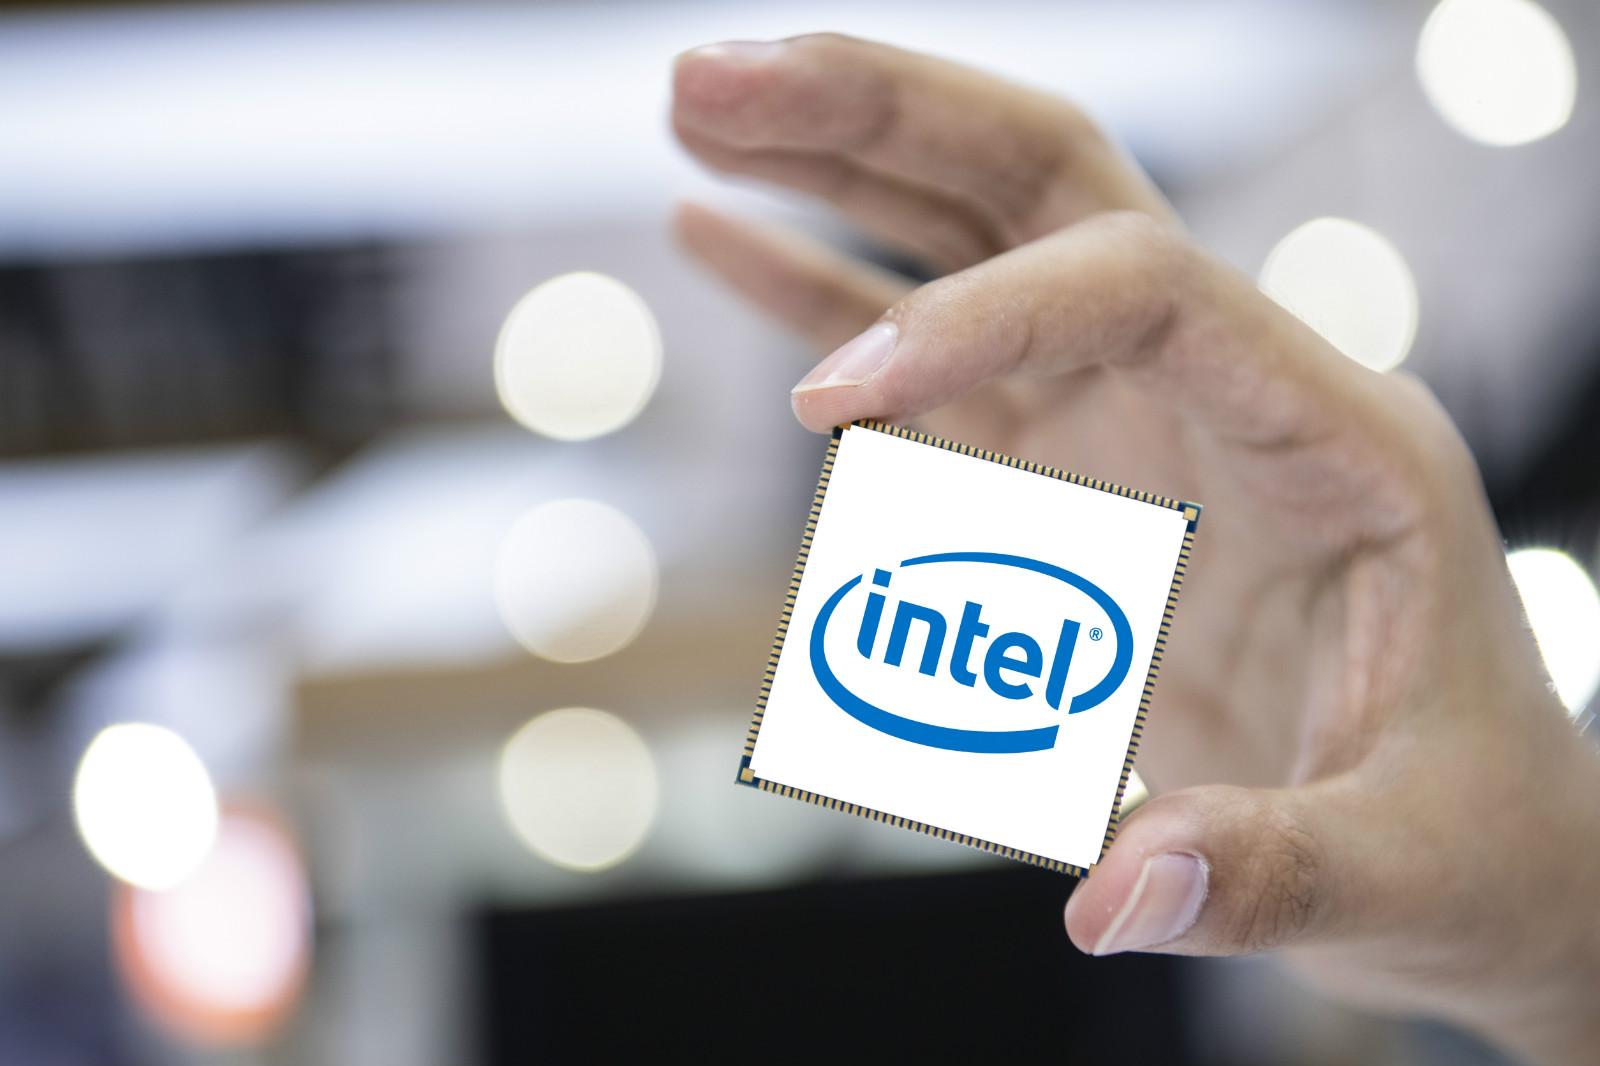 英特尔以20亿美元收购AI芯片制造商Habana Labs